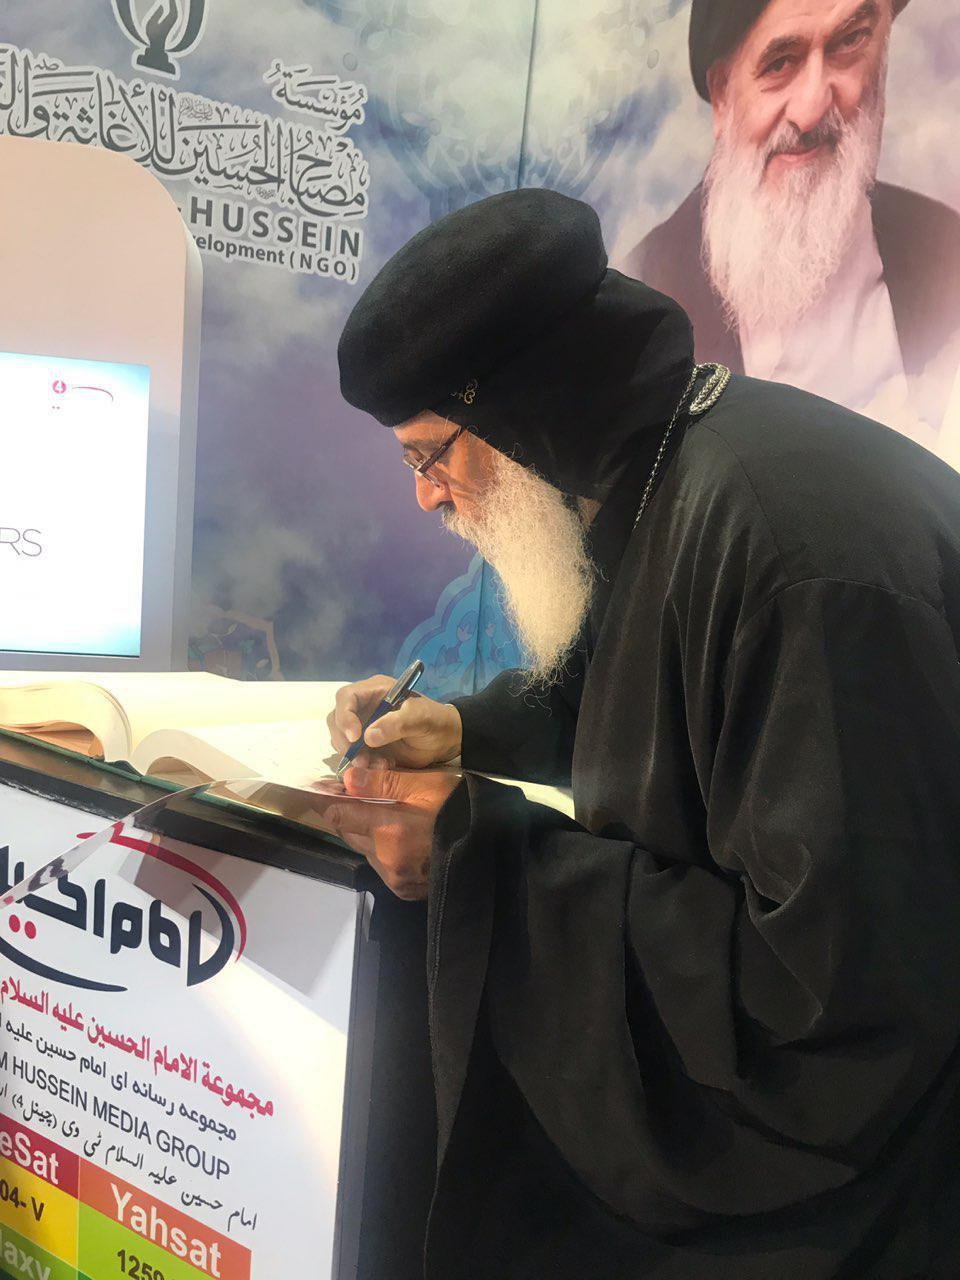 تصویر حضور رهبر قبطی های عراق در غرفه مجموعه رسانه ای امام حسین علیه السلام در نمایشگاه بین المللی بغداد